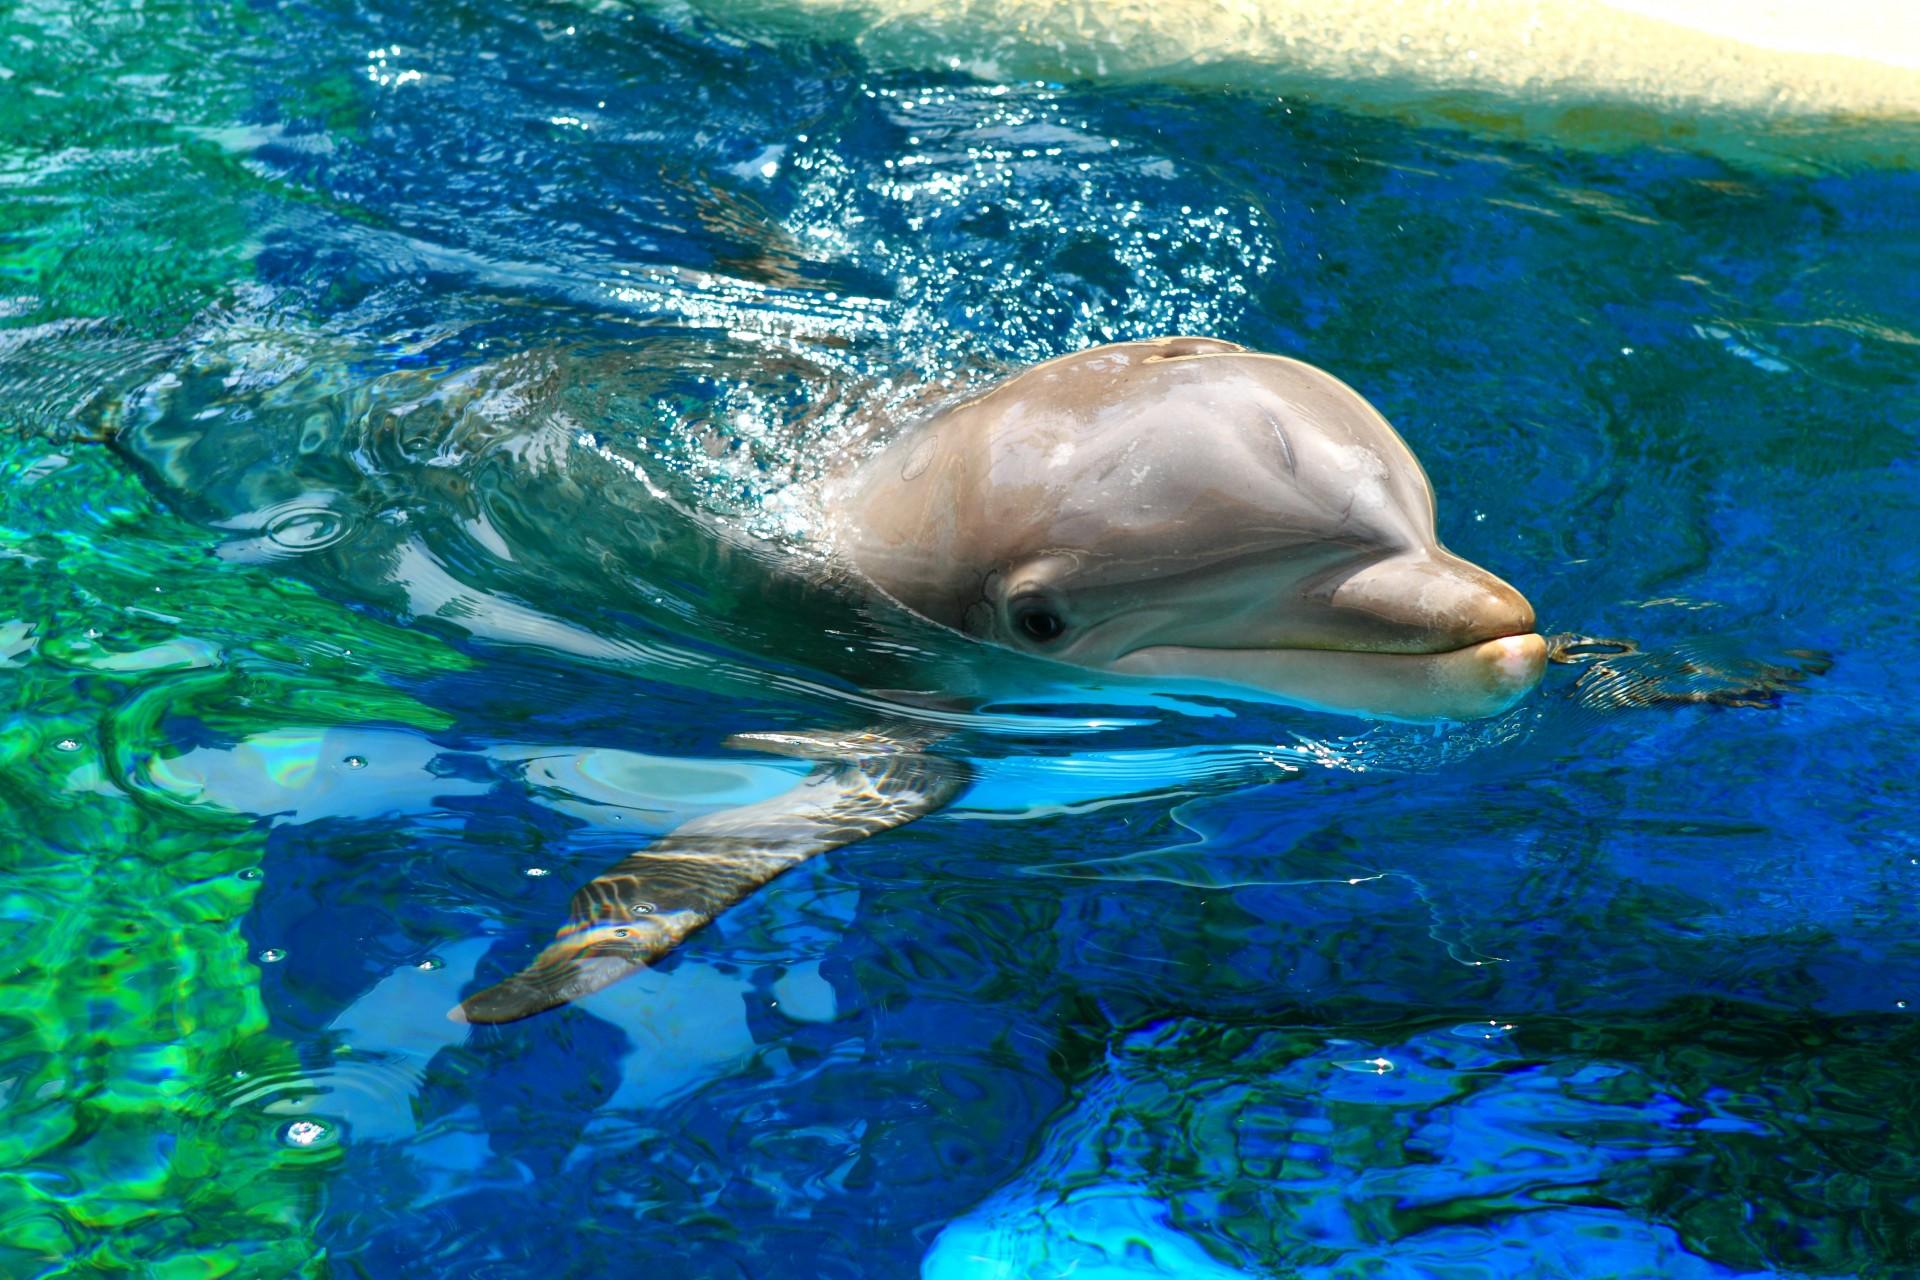 картинки с дельфинами под водой жизнь